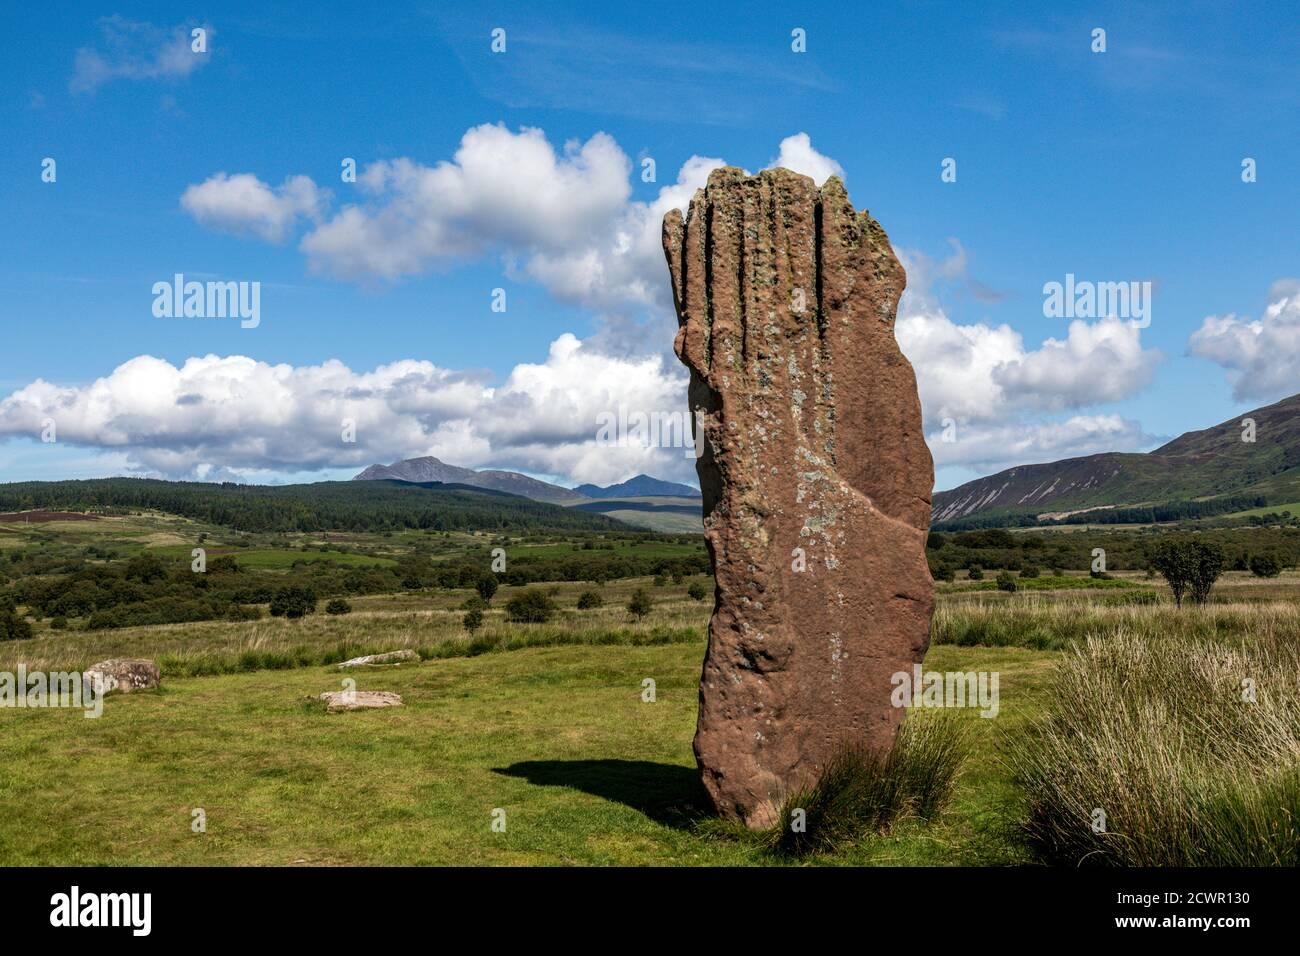 Machrie Moor Standing Stones, Isle of Arran, Schottland, Großbritannien Stockfoto